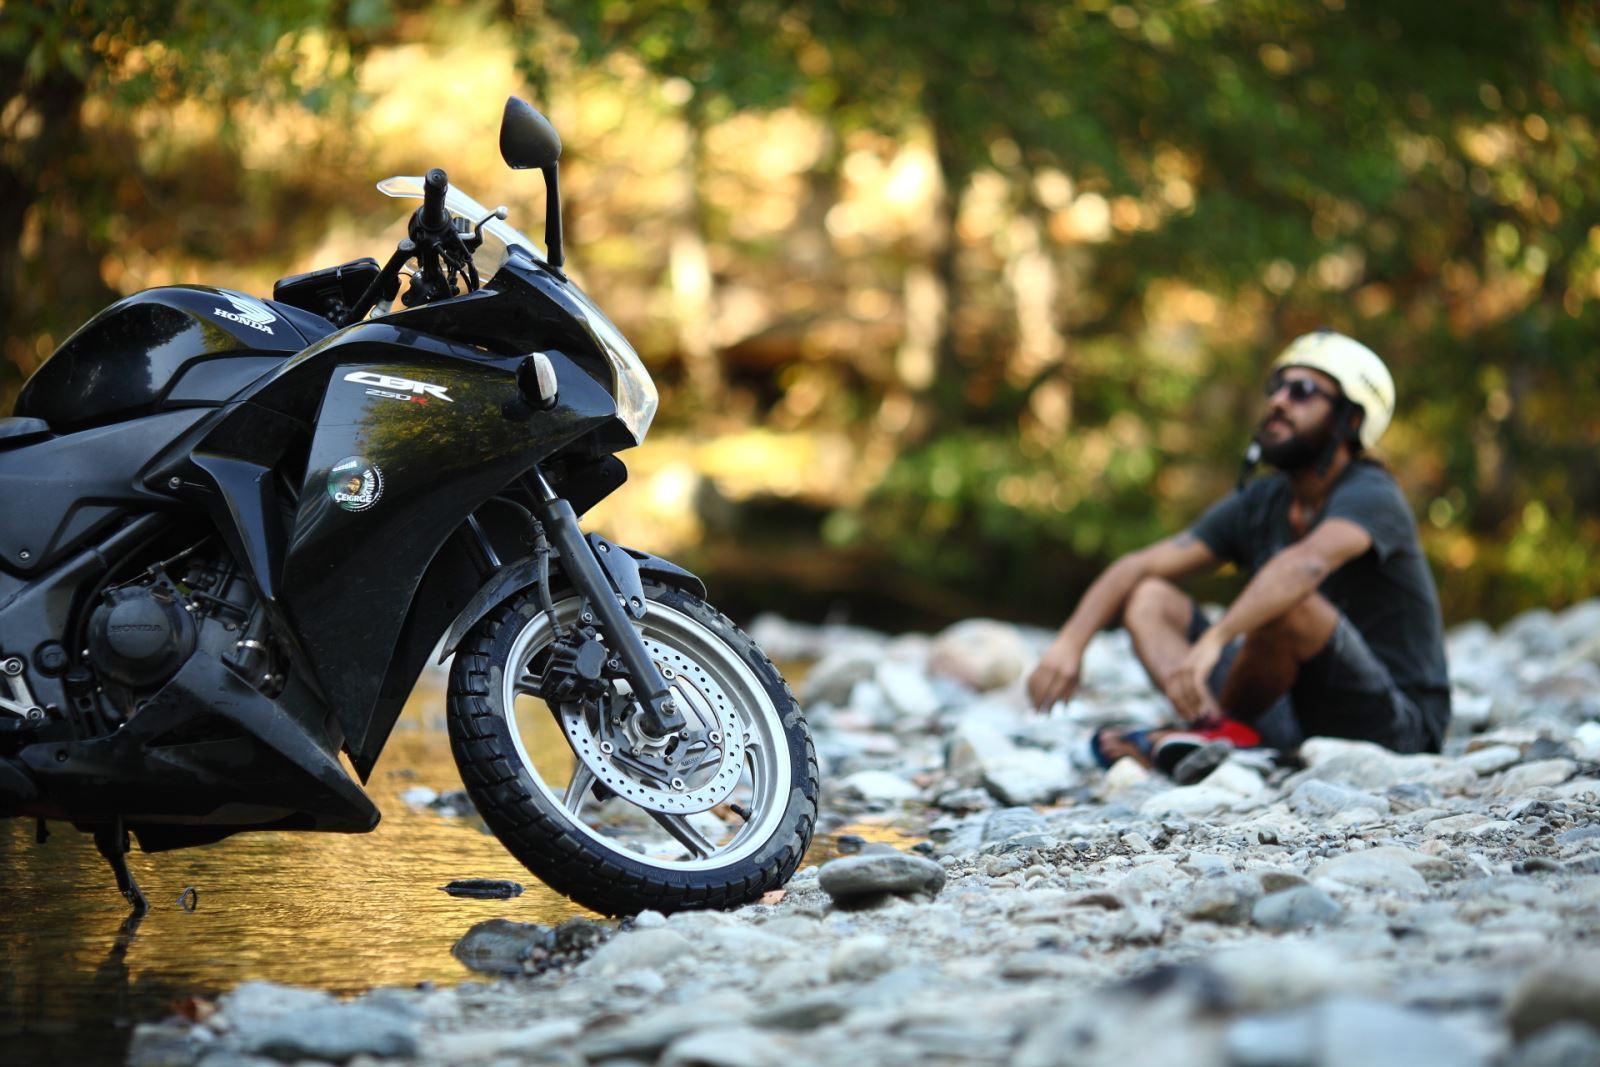 Umudun Adı: İlker Kül Ve 1000 Motorcu 1000 Çocuk Projesi 9. İçerik Fotoğrafı